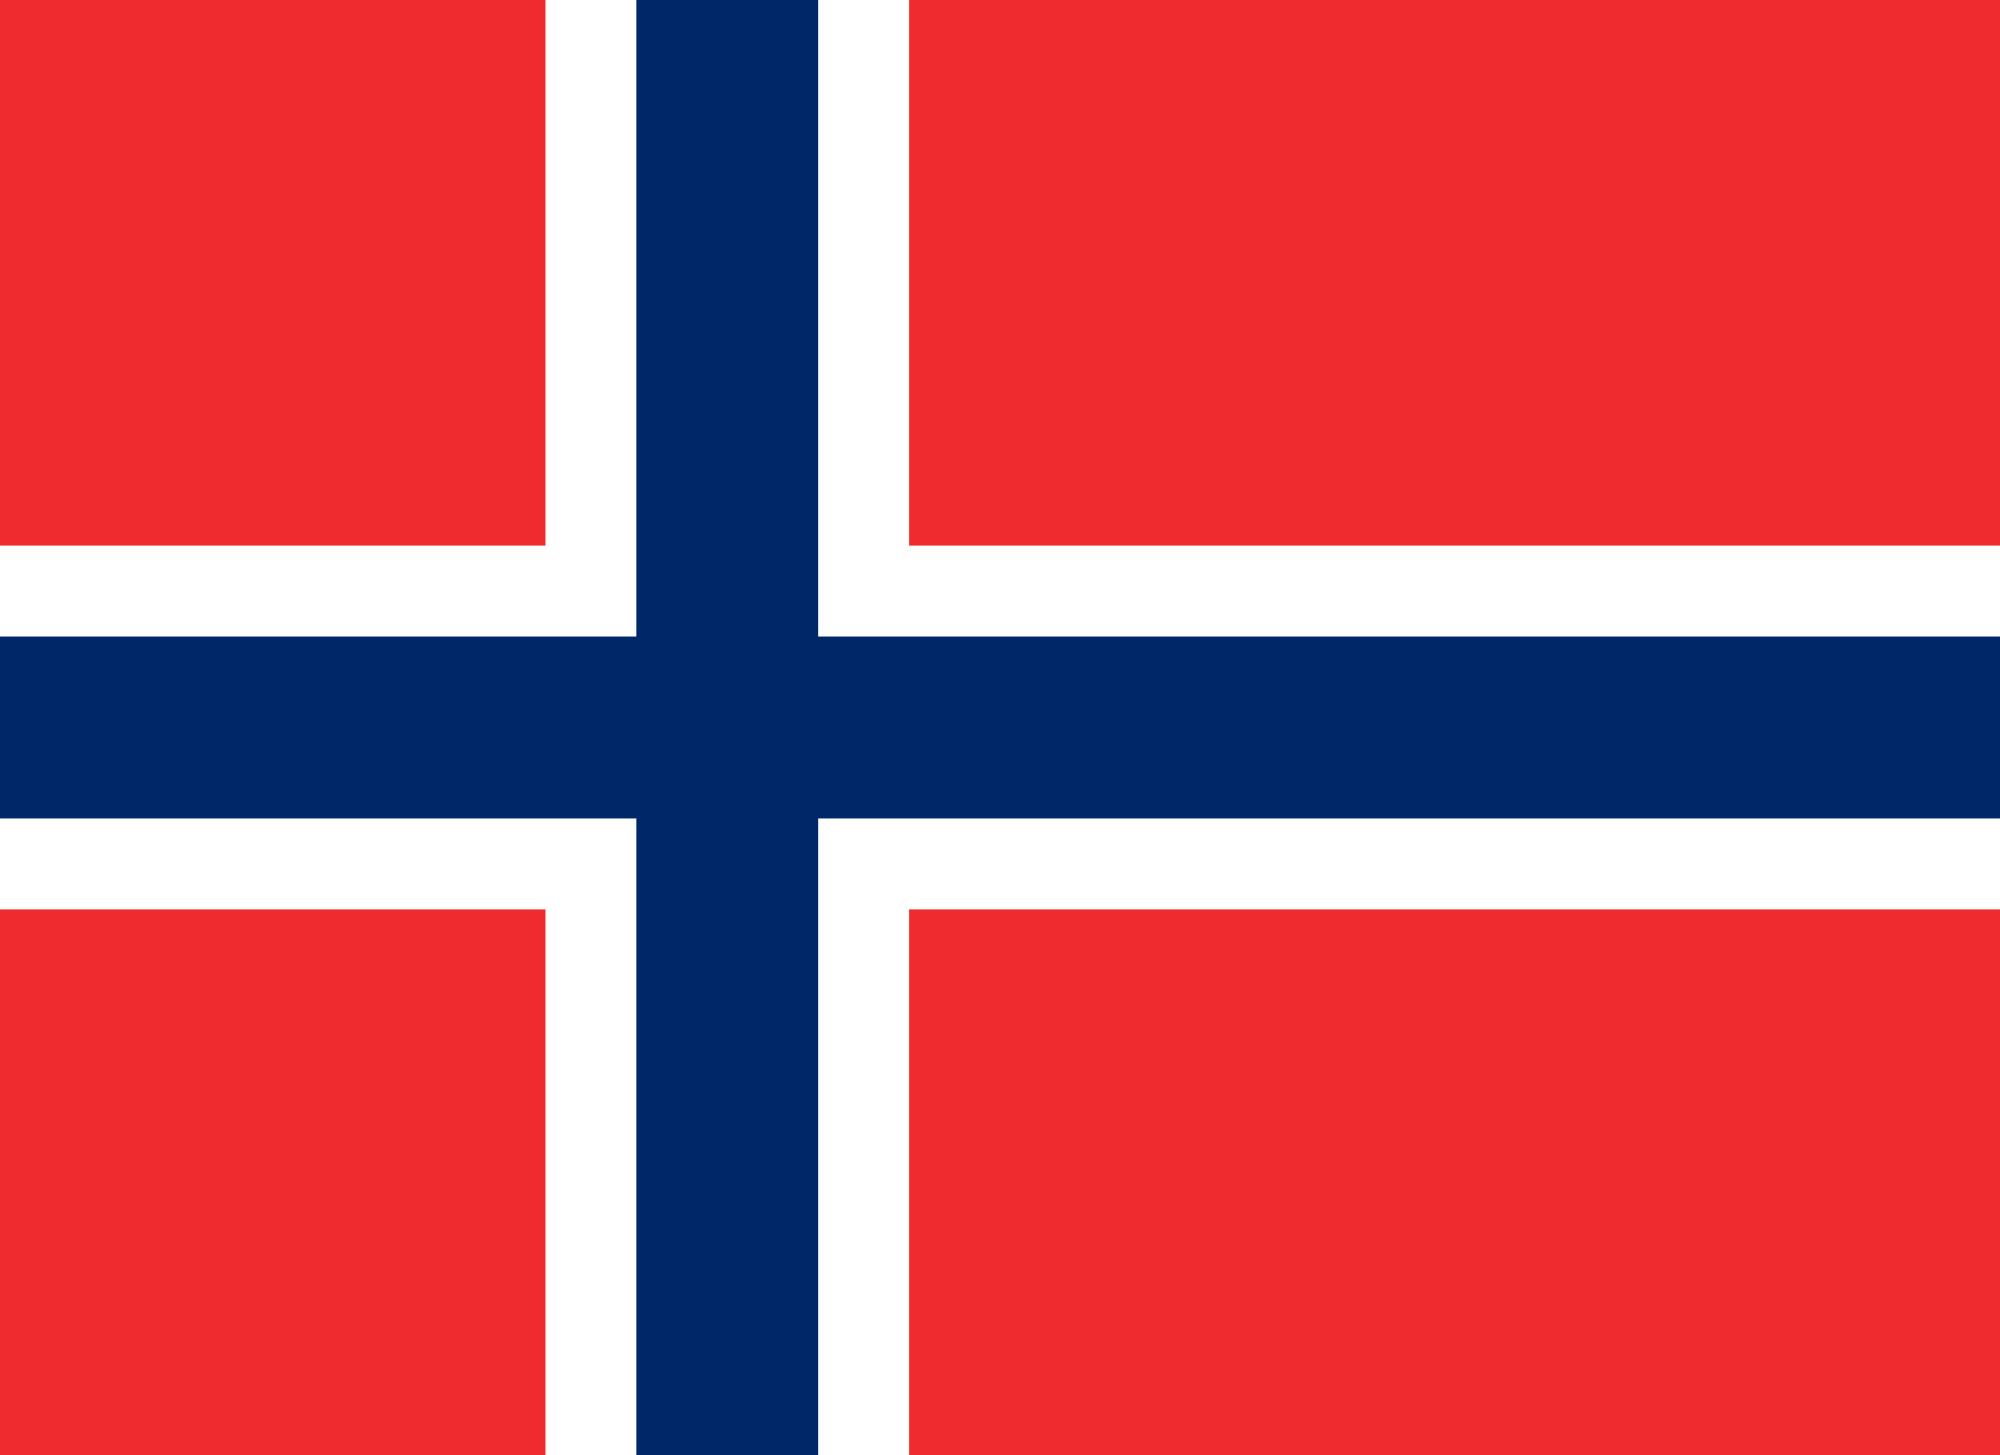 Chemical-Free Norway Pool Builder Flag